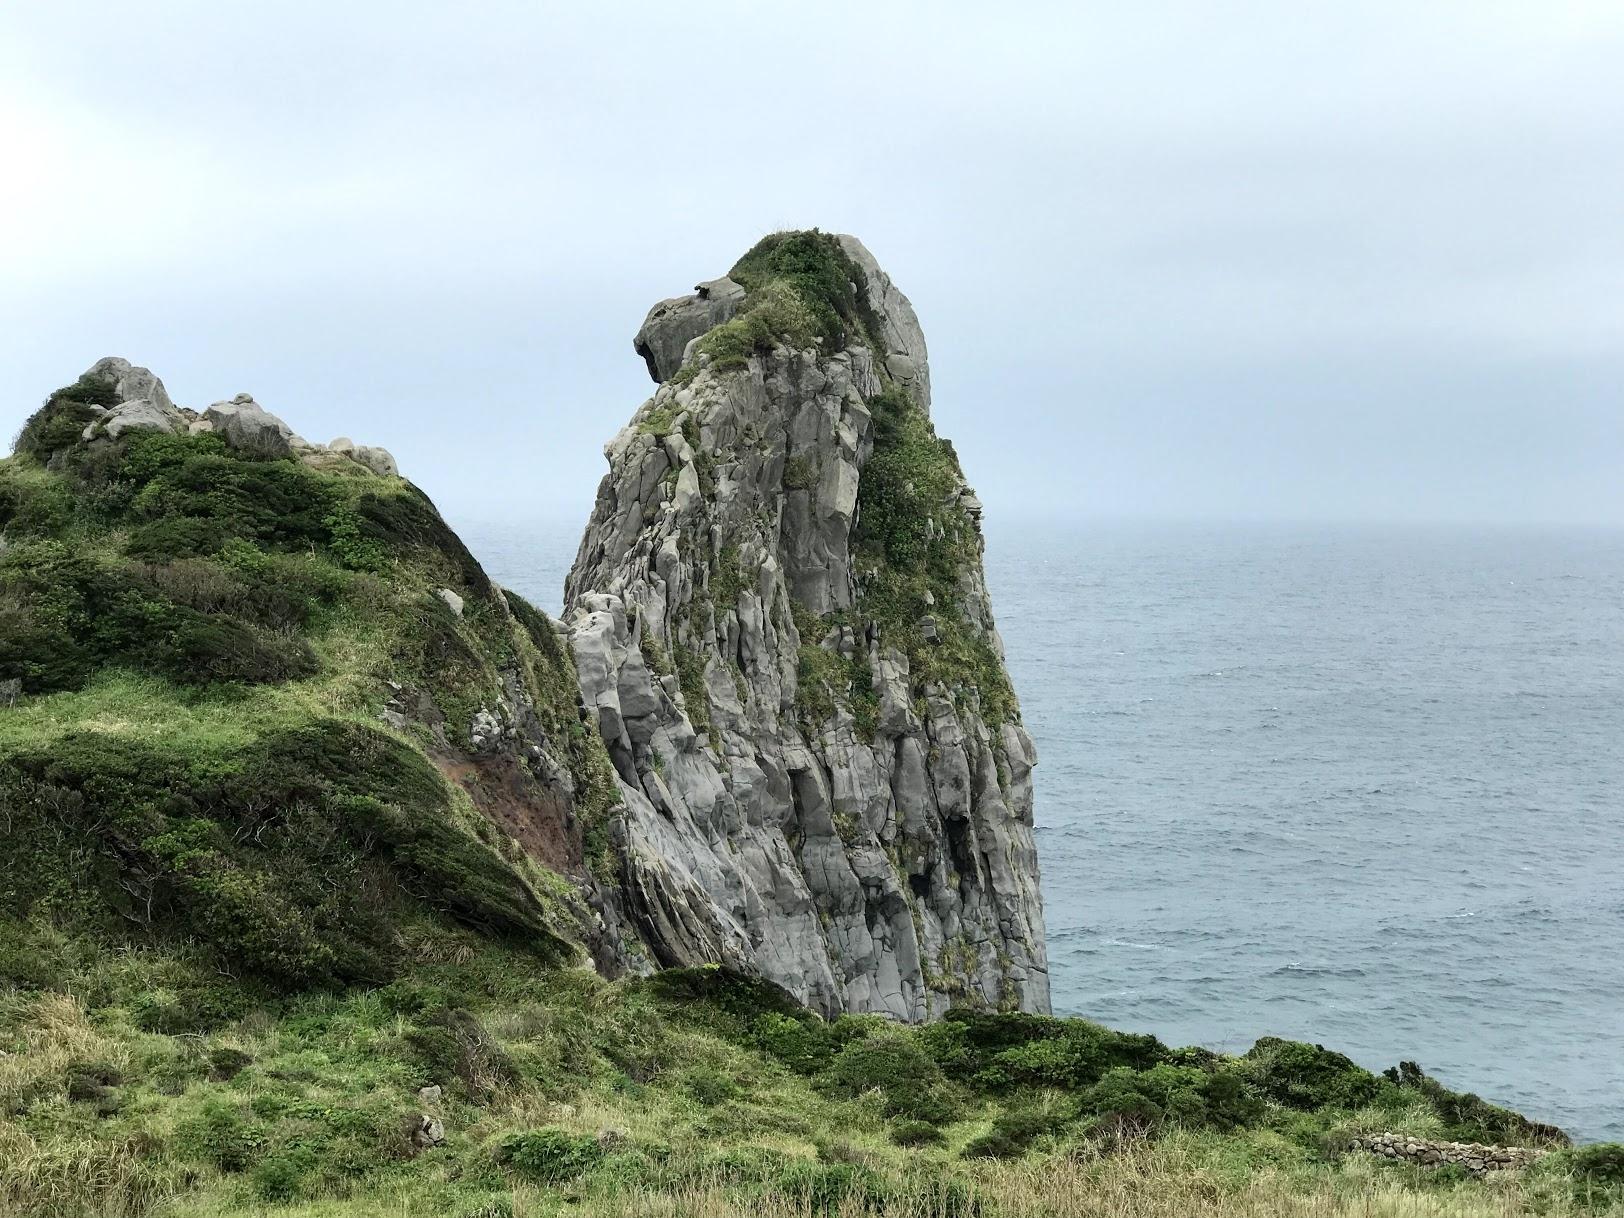 長崎県(壱岐市)・猿岩(壱岐) - 夢の島からの贈り物(汐彩屋)